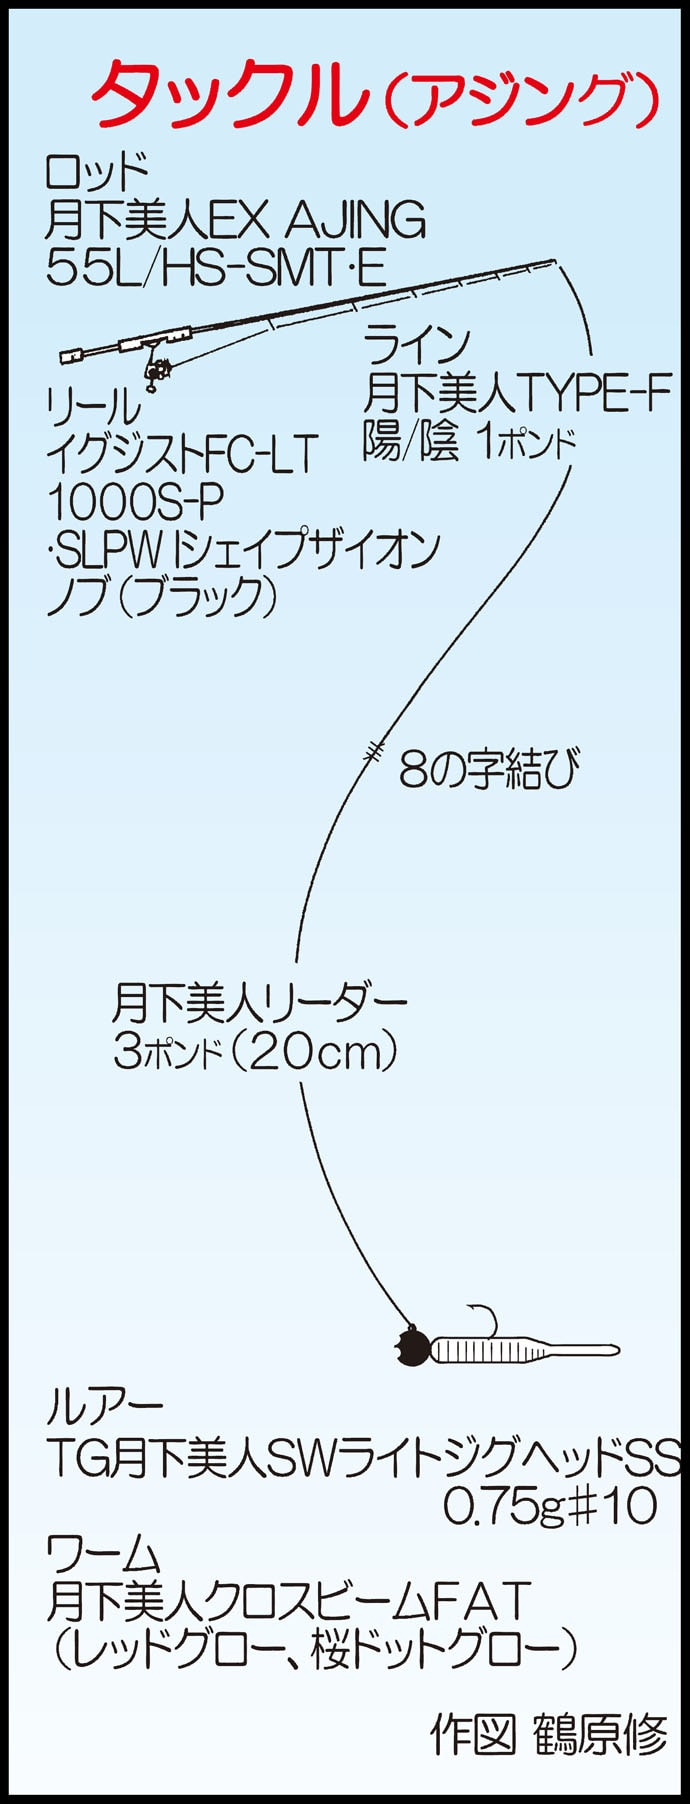 ライトロック&アジングで良型含みヒット多数【三本杭・芦屋漁港】